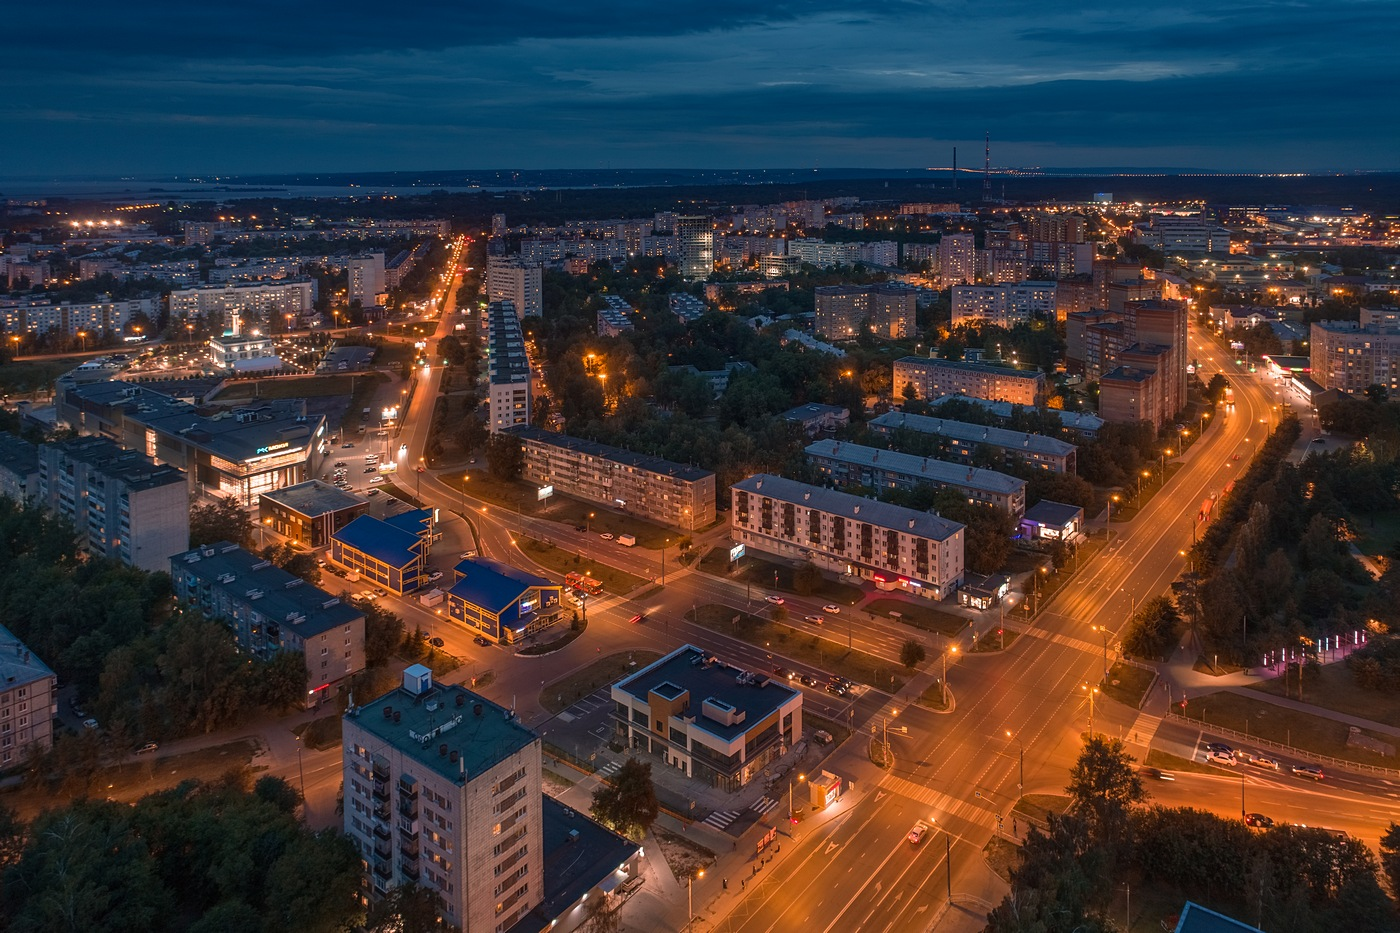 Вечерняя Казань с высоты. Июль 2019. город как на ладони,фото,аэрофото,аэрофотосъемка,Казань,высота,захватывающие картинки города,квадрокоптер,красивые фотографии с высоты,все о городе,dji,Татарстан